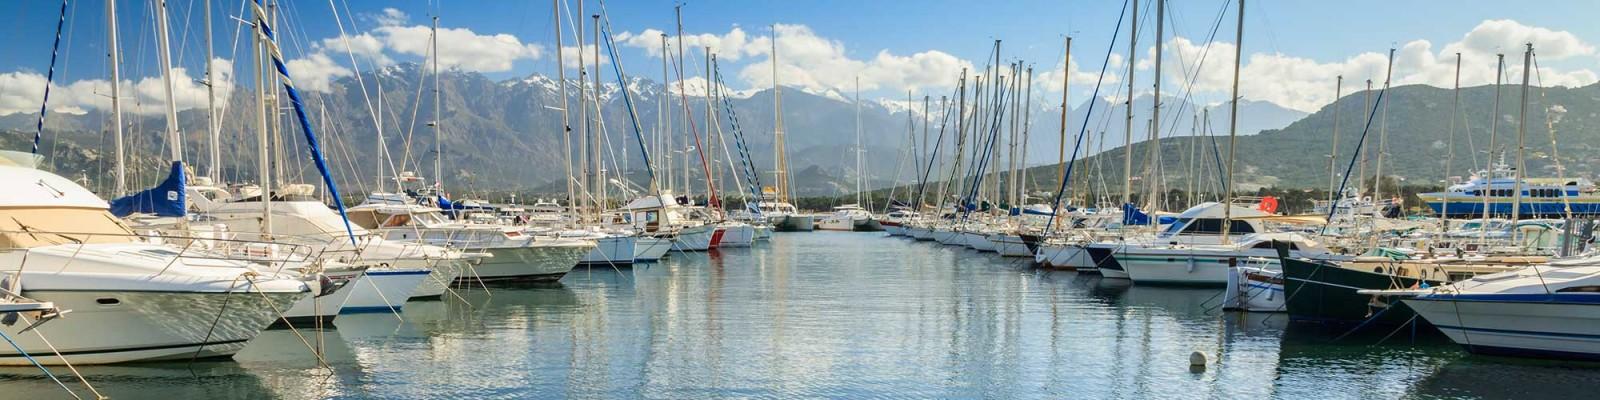 Tenrag Yacht Charter: Corsican charters